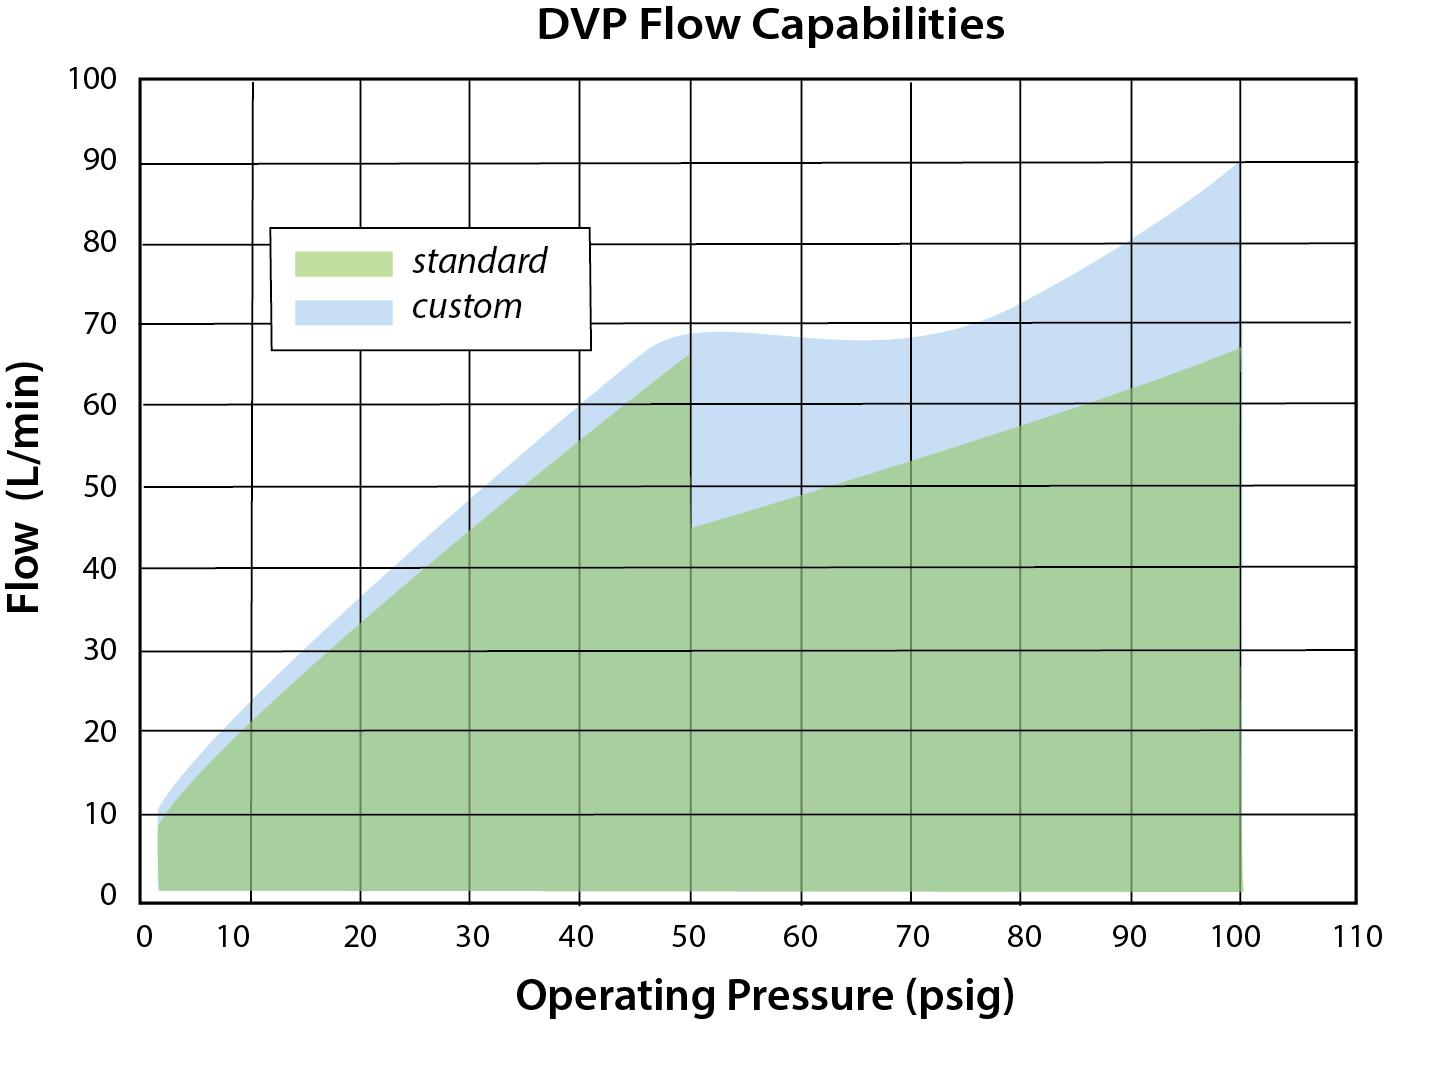 DVP Flow Capabilities Chart